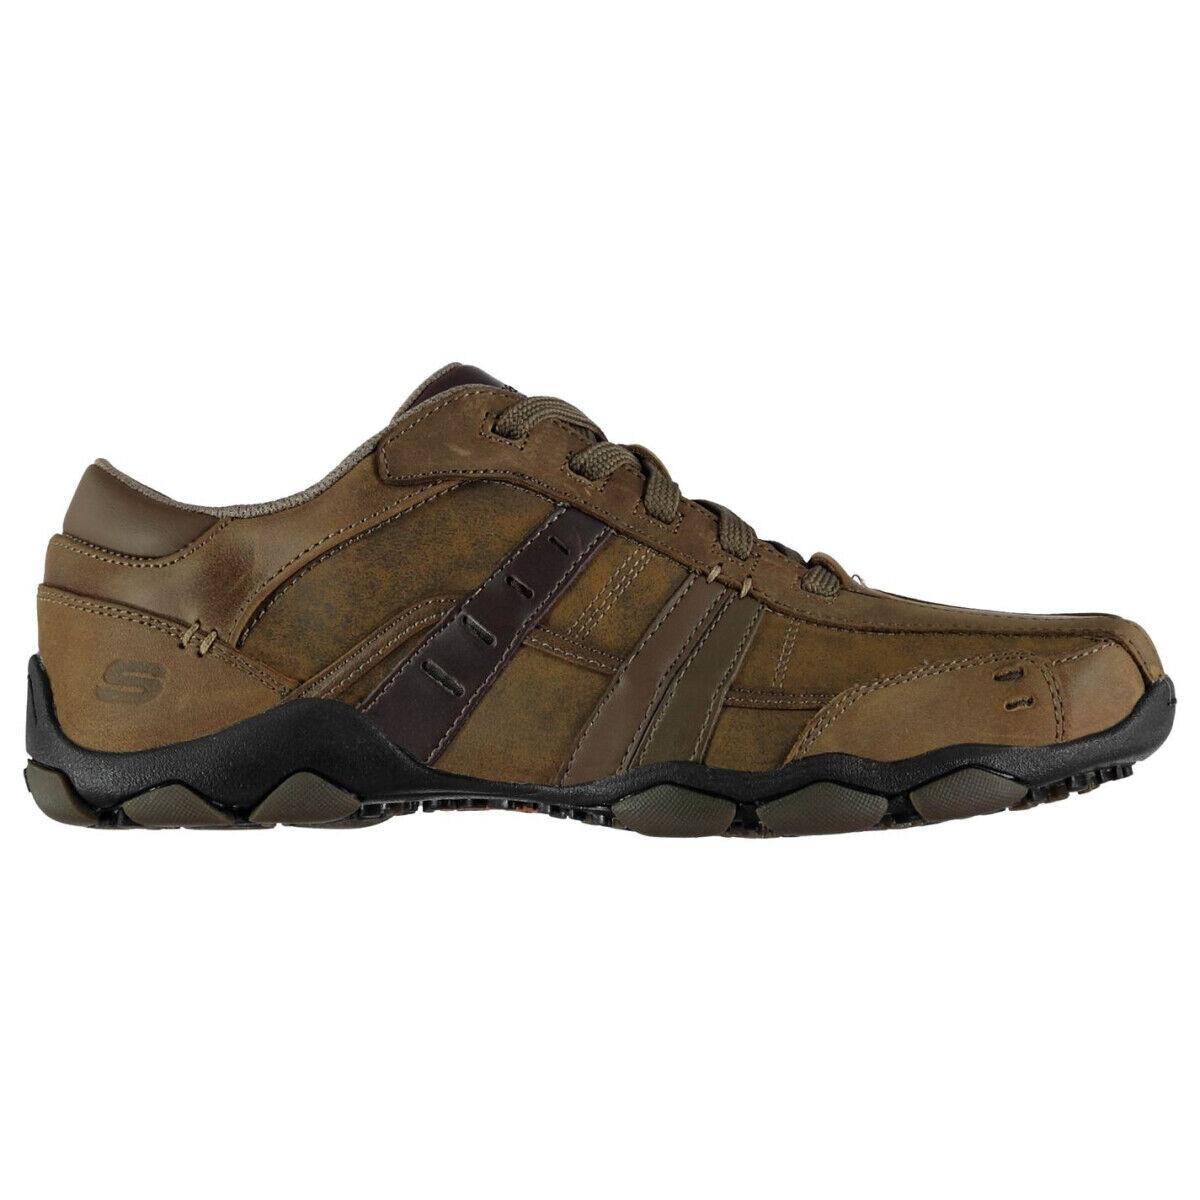 Skechers señores zapatillas de deporte zapatillas para correr zapatillas Trainers aerobic diameter Vasse 4